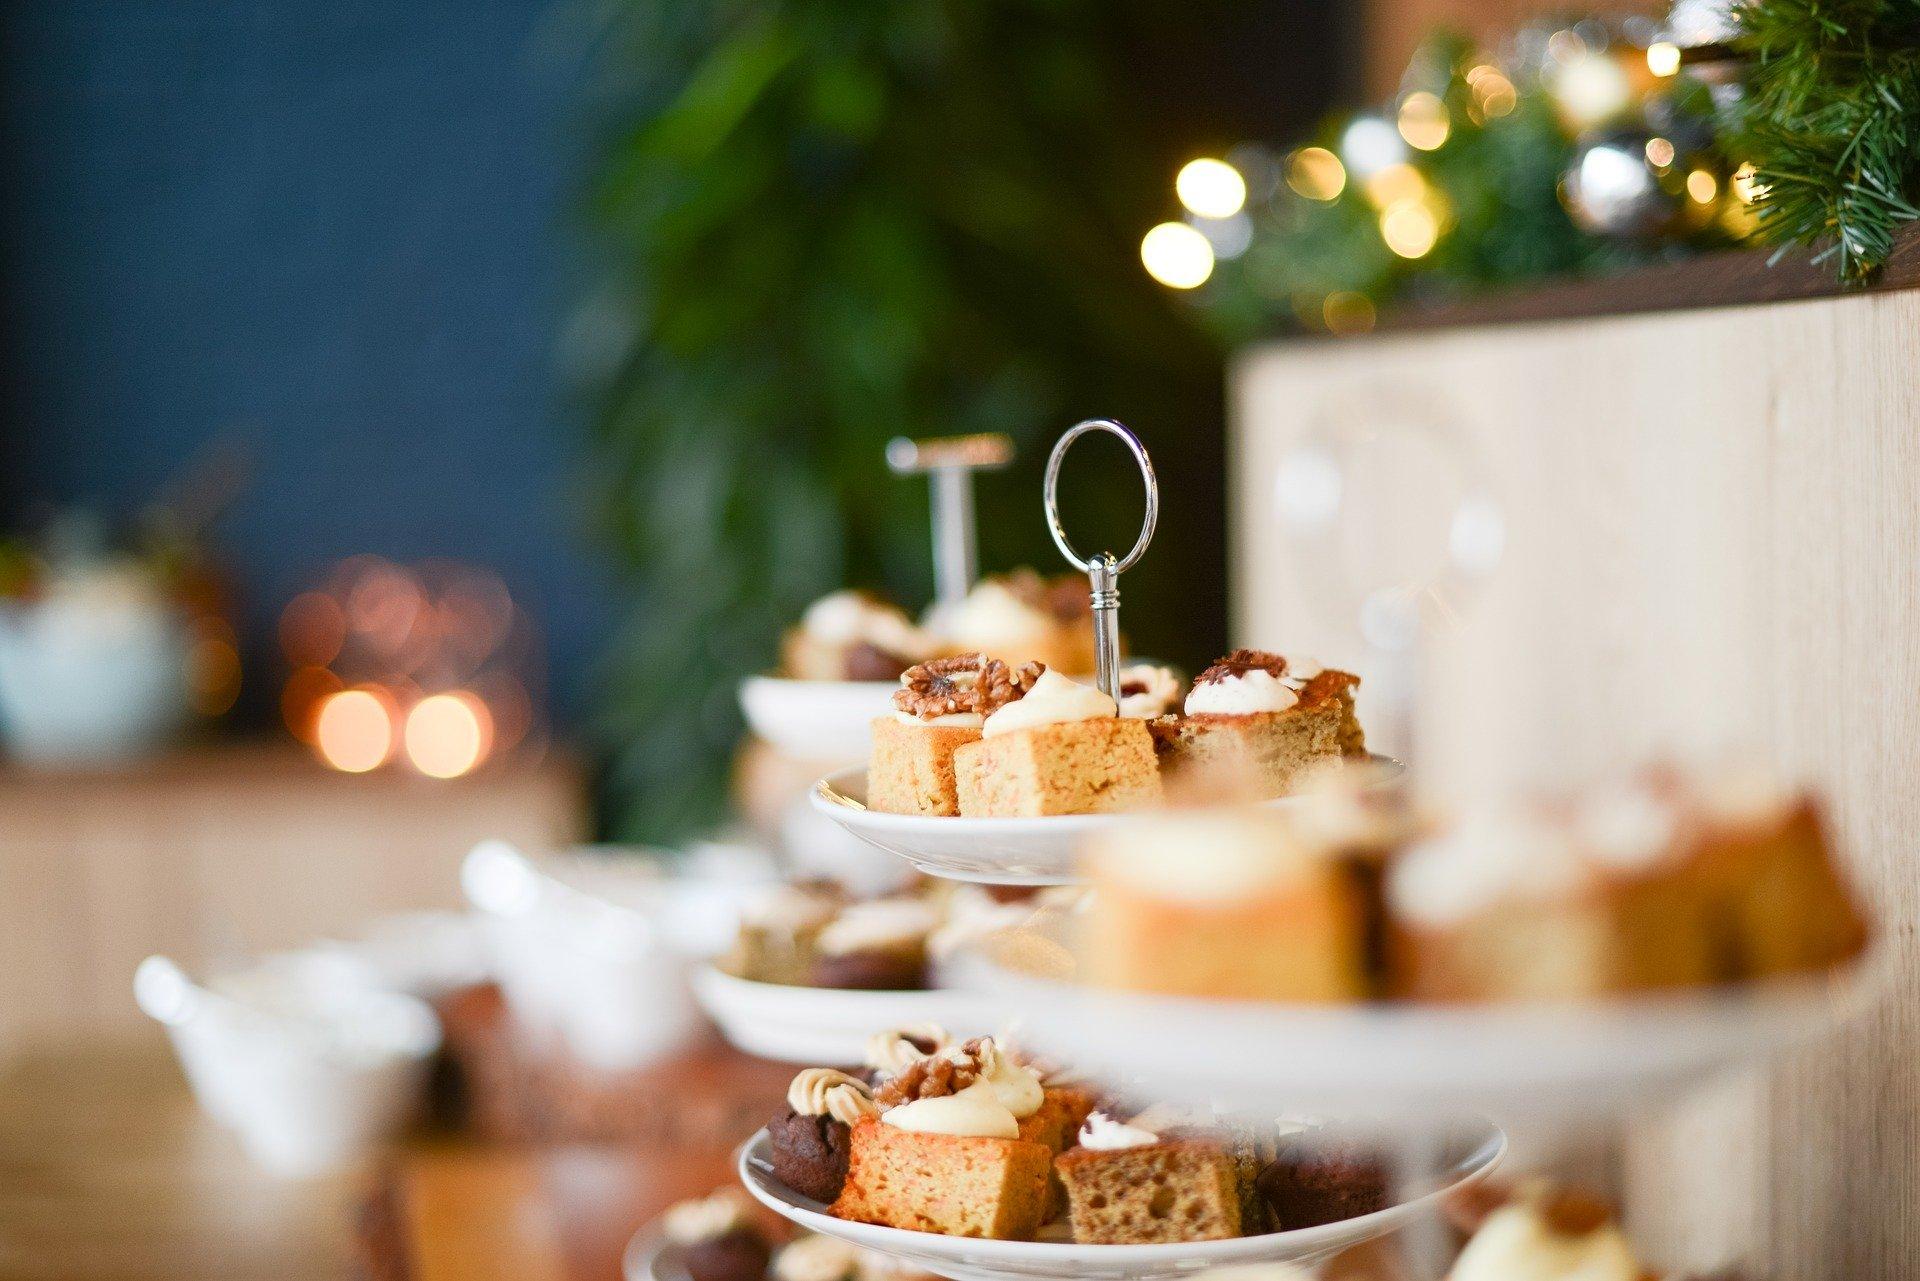 Enjoy a Festive Afternoon Tea!